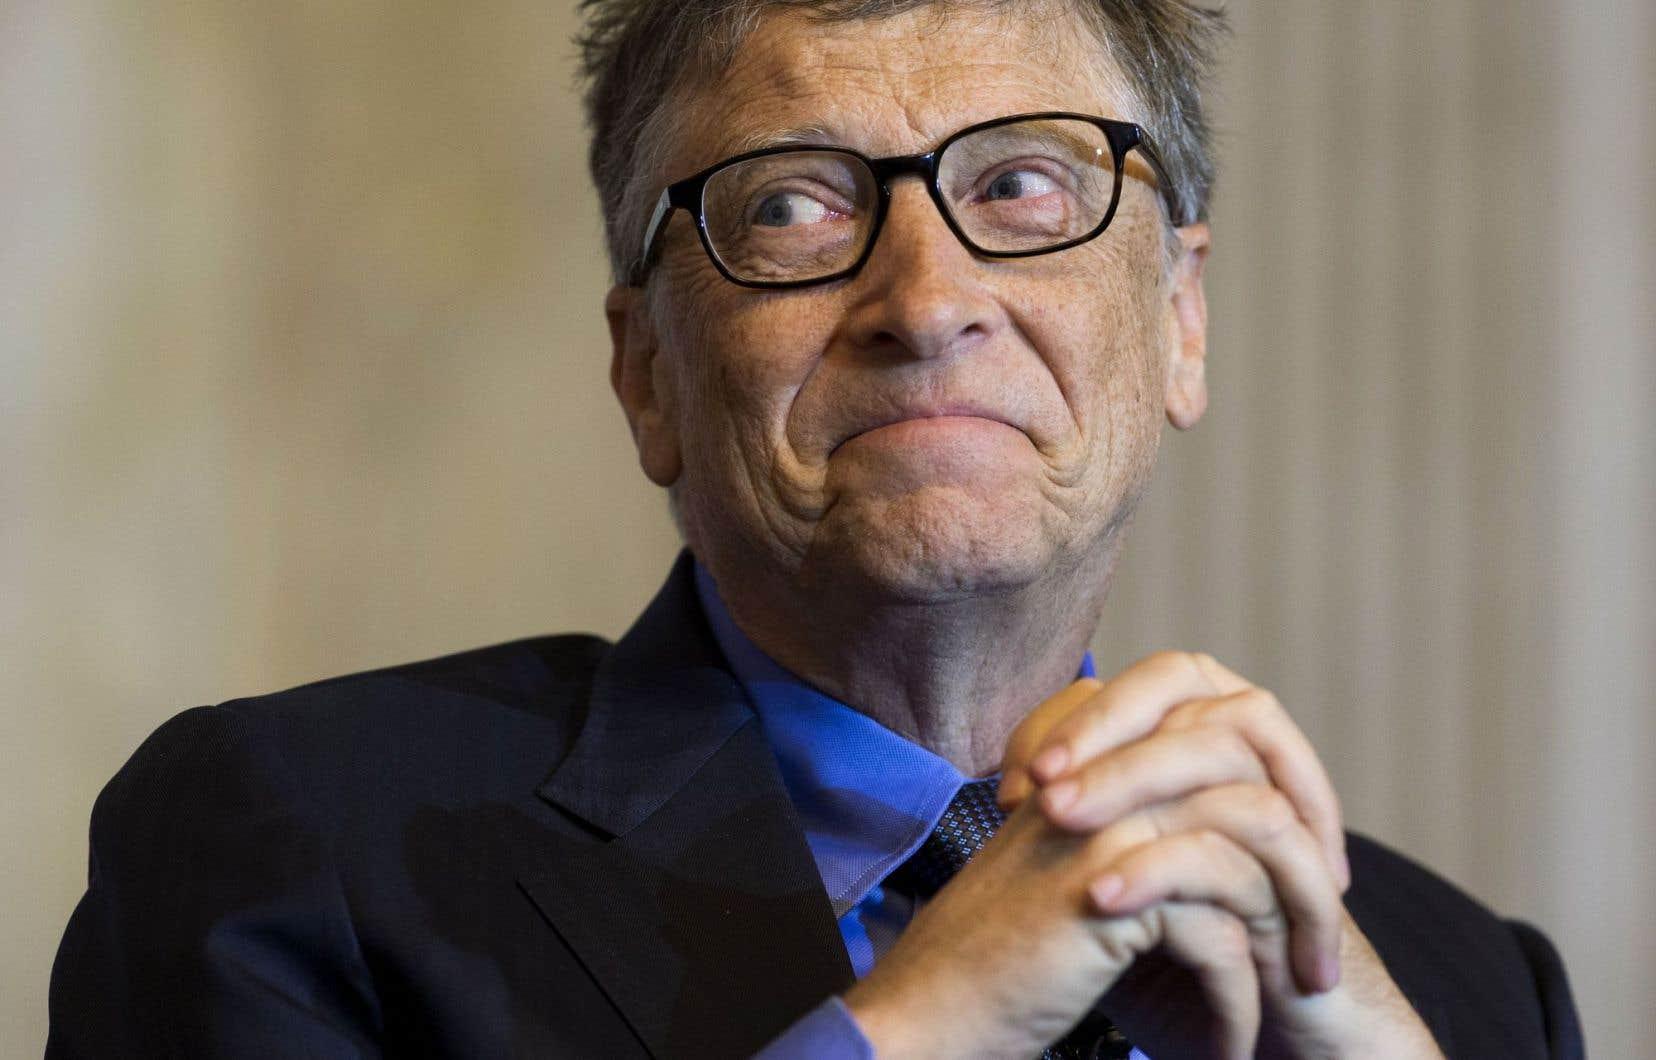 Bill Gates reste au sommet des personnes les plus riches du monde avec une fortune évaluée à 75 milliards, 4,2 milliards de moins que l'an dernier.